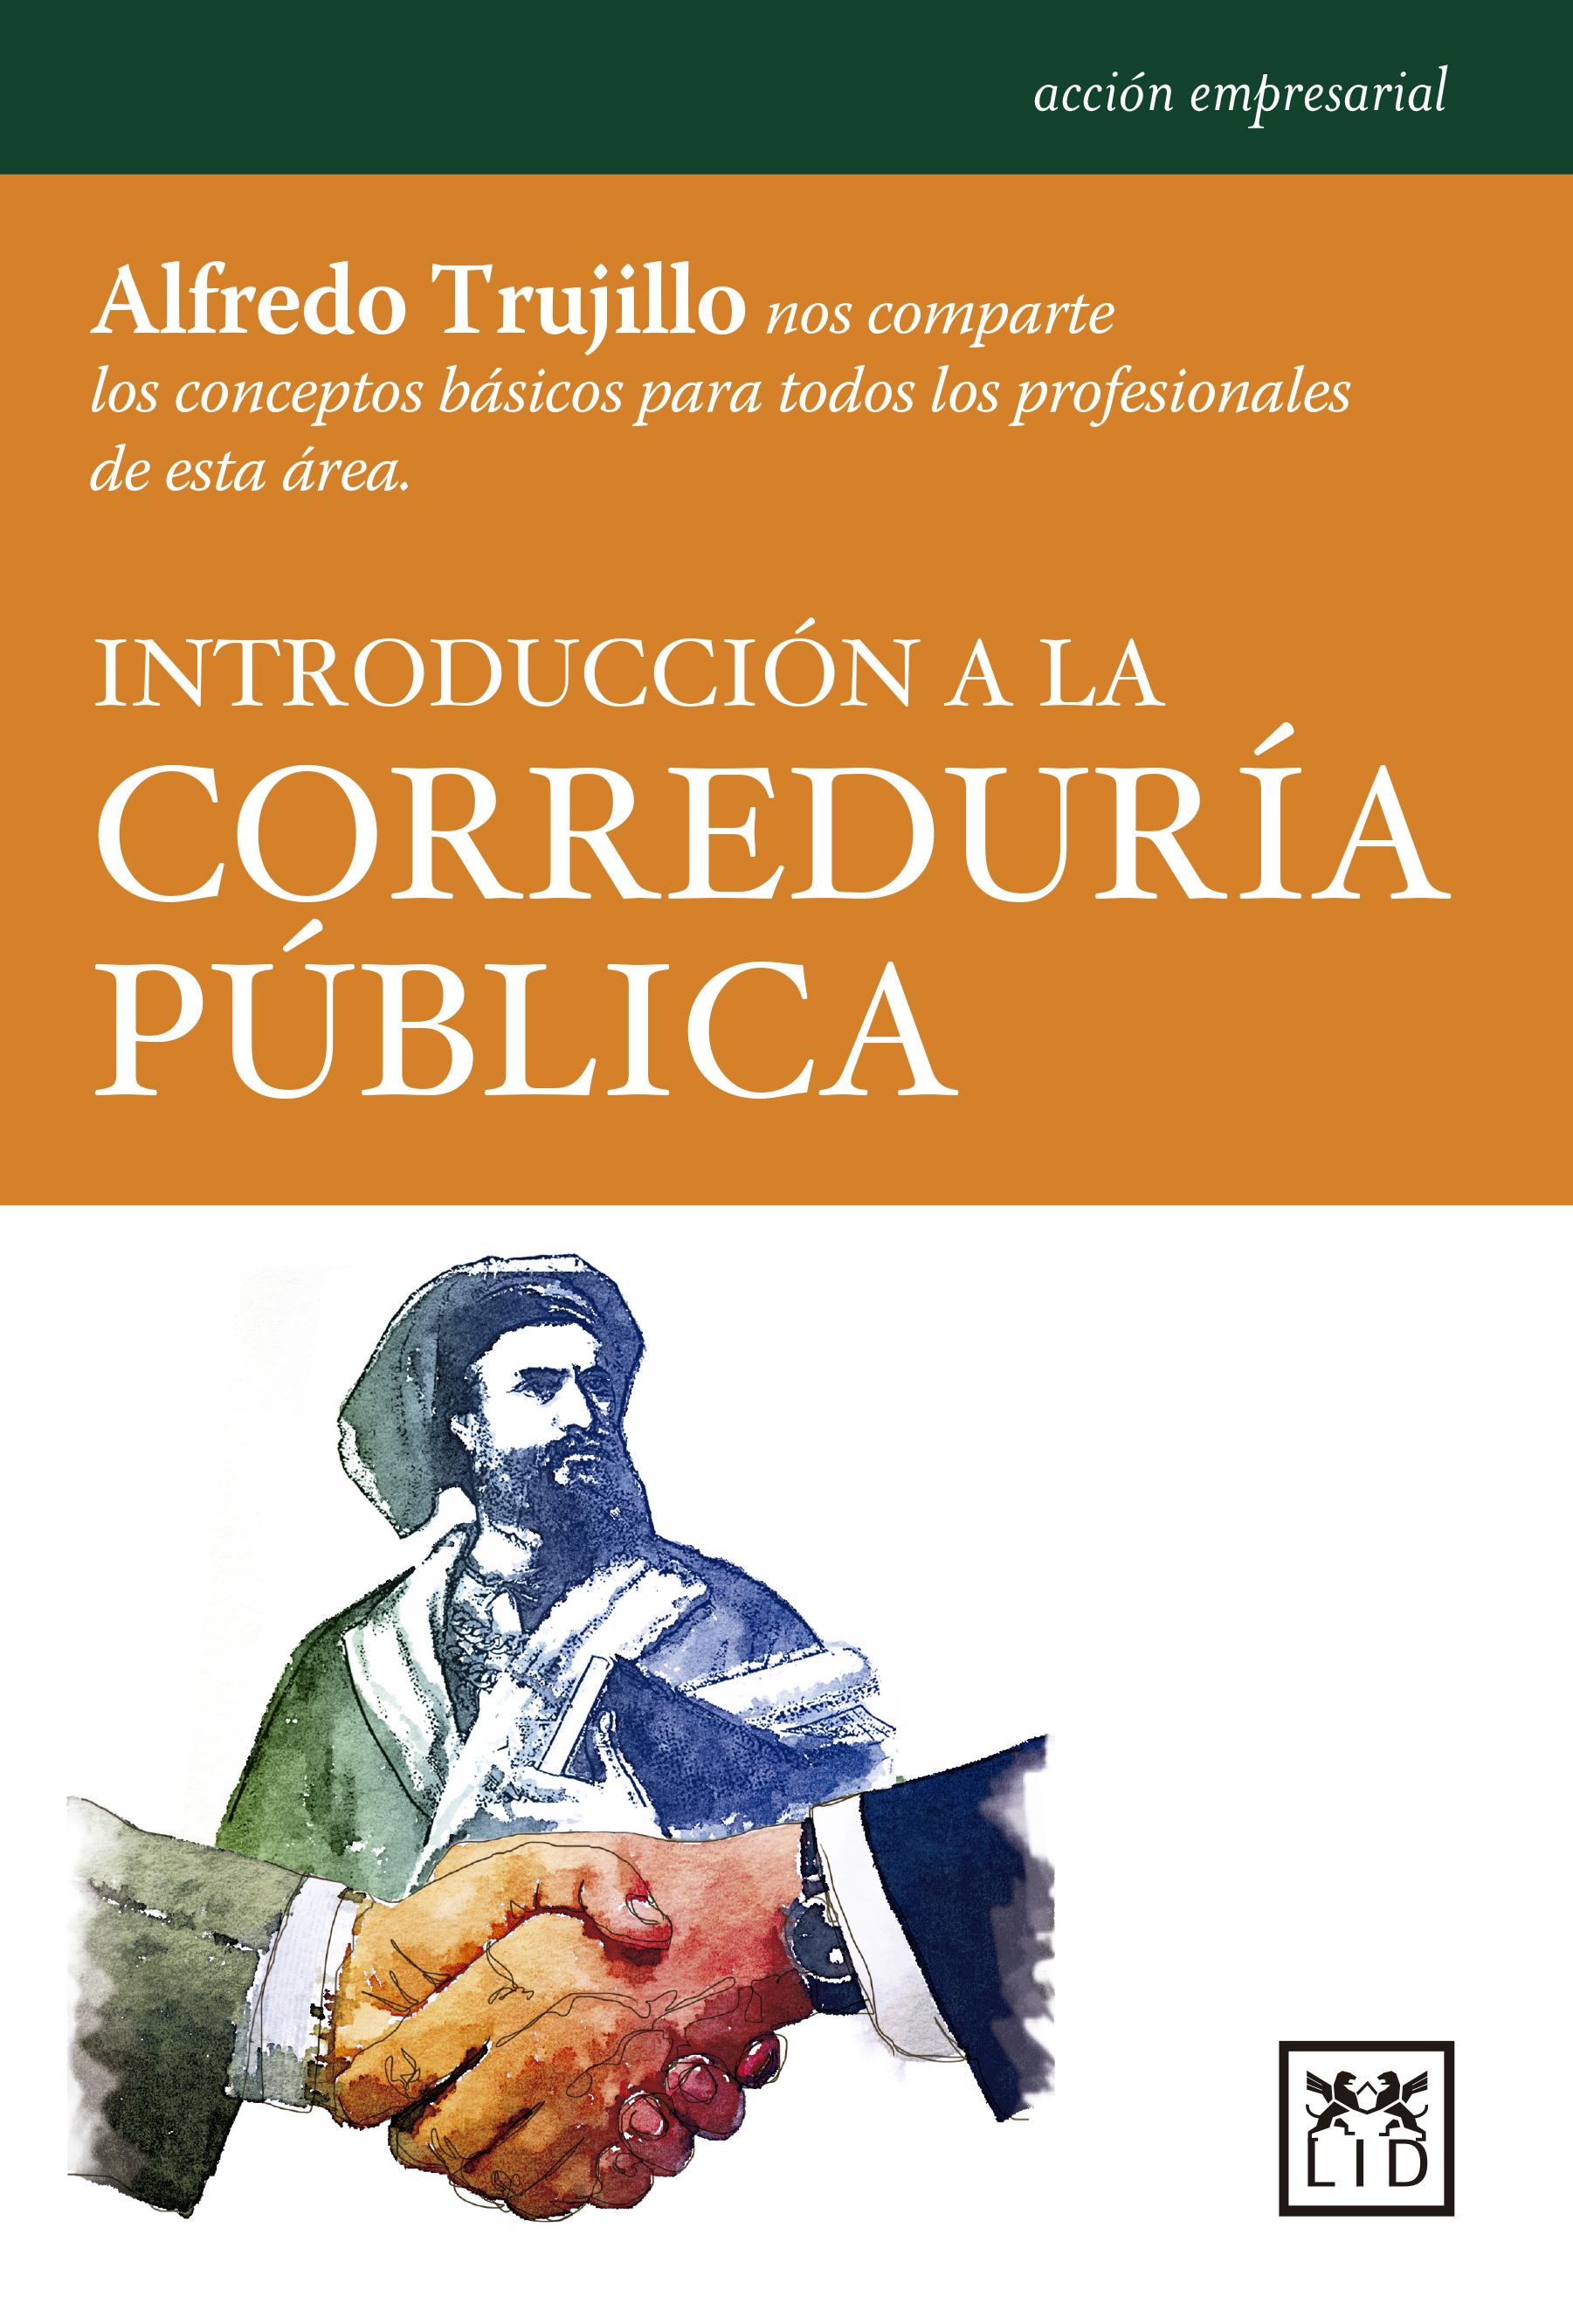 Introducción a la correduría pública